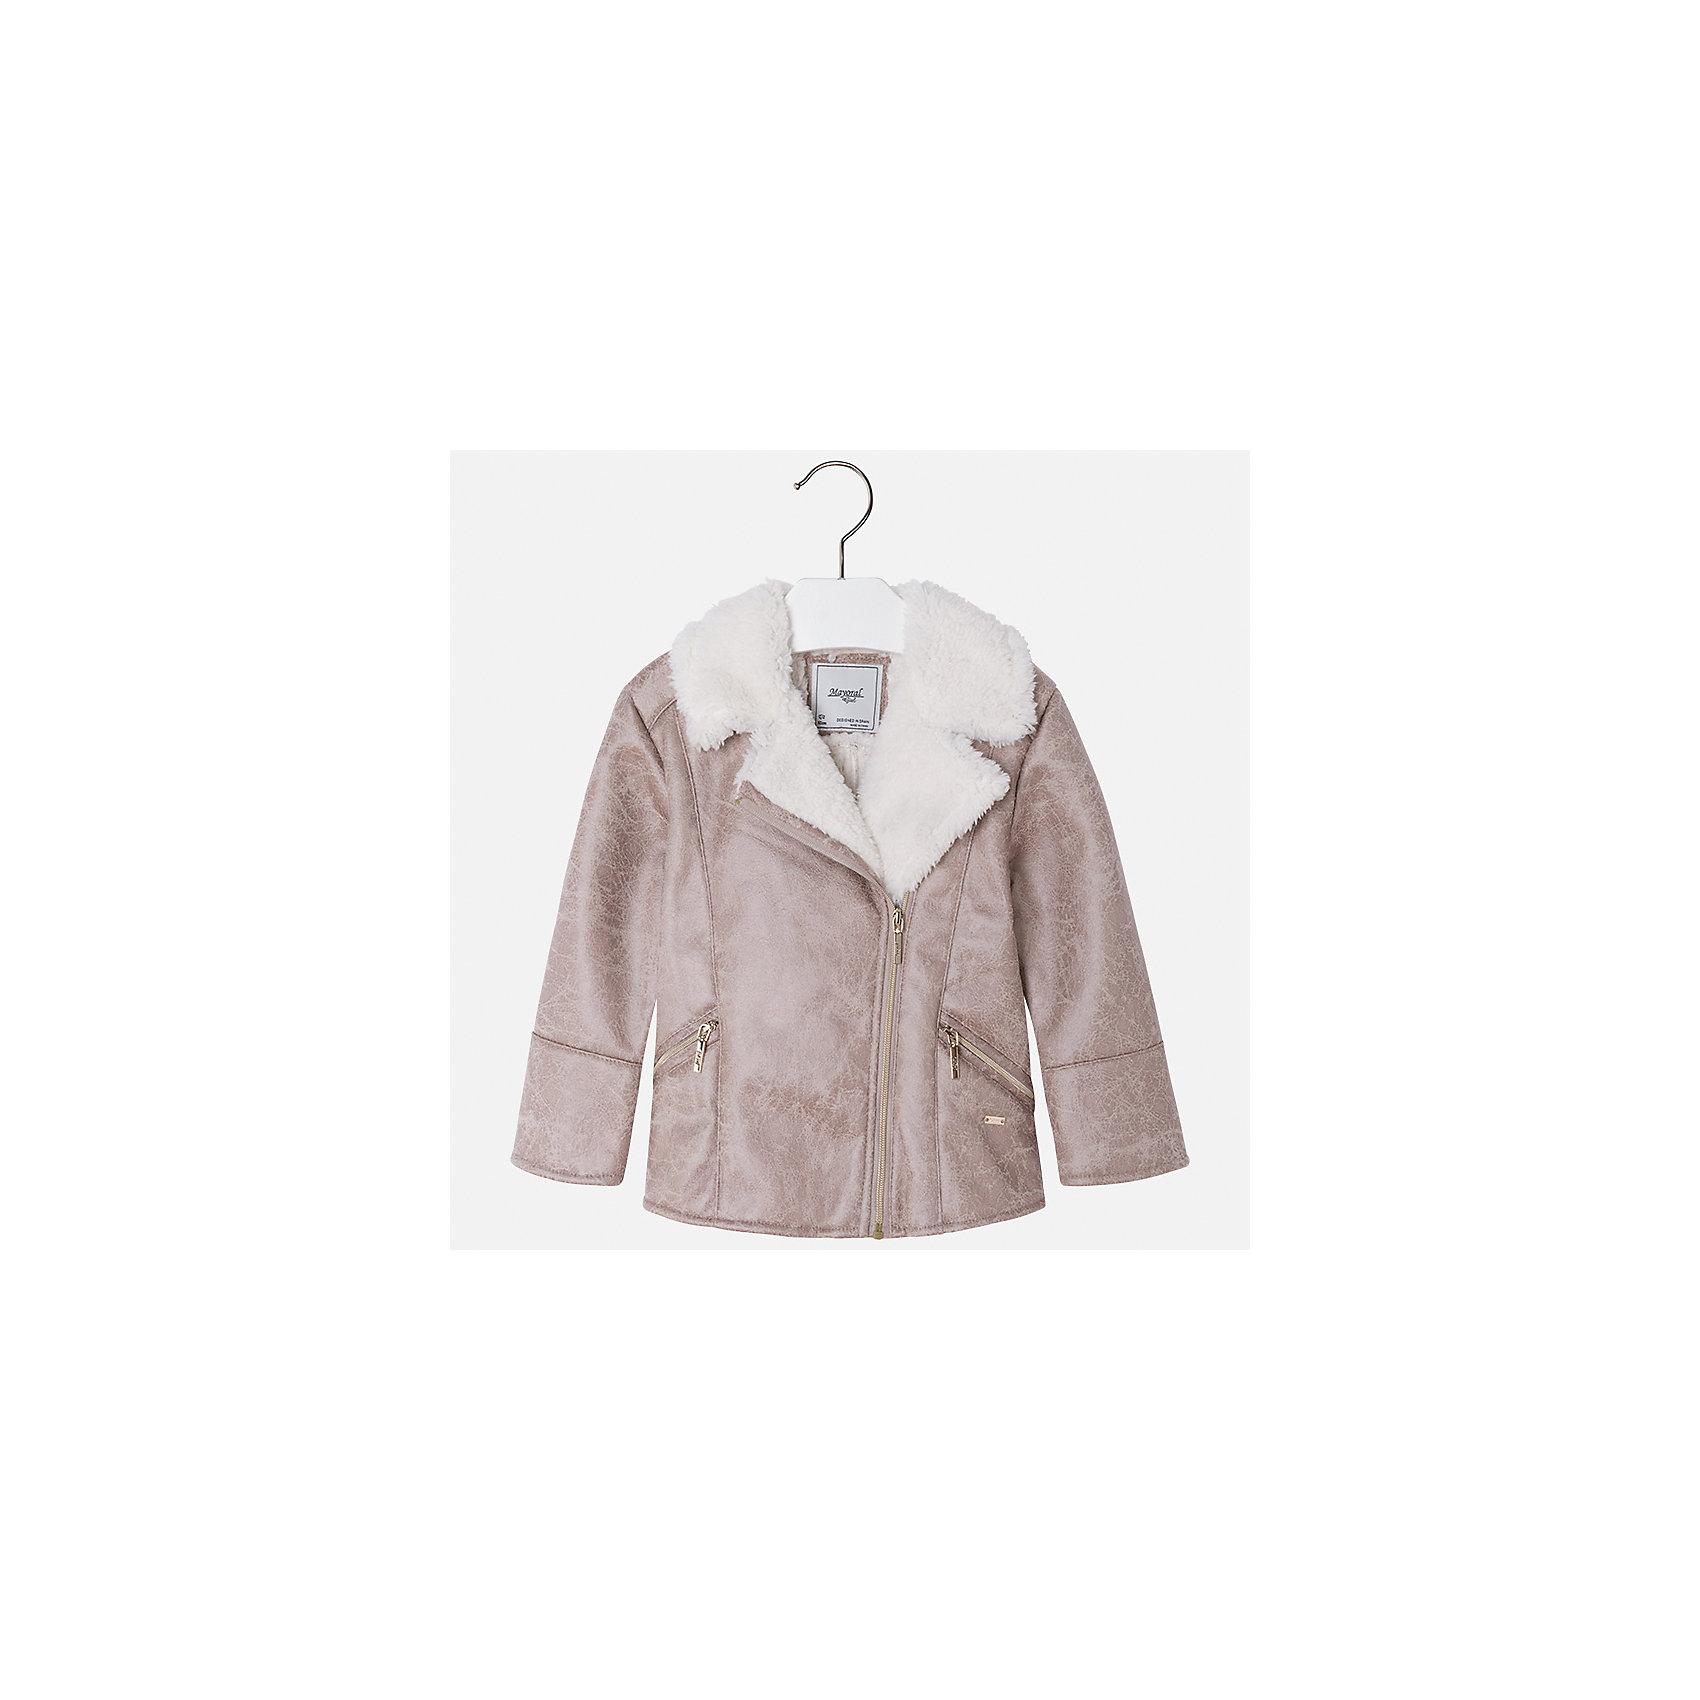 Куртка Mayoral для девочкиВерхняя одежда<br>Характеристики товара:<br><br>• цвет: бежевый<br>• состав ткани: 100% полиуретан, подклад - 100% полиэстер<br>• застежка: молния<br>• длинные рукава<br>• сезон: демисезон<br>• температурный режим: от -5 до +5<br>• страна бренда: Испания<br>• страна изготовитель: Индия<br><br>Стильная куртка с оригинальным декором для девочки от Майорал поможет обеспечить тепло и комфорт. Эффектная детская куртка отличается модным укороченным силуэтом. <br><br>Детская одежда от испанской компании Mayoral отличаются оригинальным и всегда стильным дизайном. Качество продукции неизменно очень высокое.<br><br>Куртку для девочки Mayoral (Майорал) можно купить в нашем интернет-магазине.<br><br>Ширина мм: 356<br>Глубина мм: 10<br>Высота мм: 245<br>Вес г: 519<br>Цвет: бежевый<br>Возраст от месяцев: 96<br>Возраст до месяцев: 108<br>Пол: Женский<br>Возраст: Детский<br>Размер: 134,104,110,116,122,128<br>SKU: 6924272